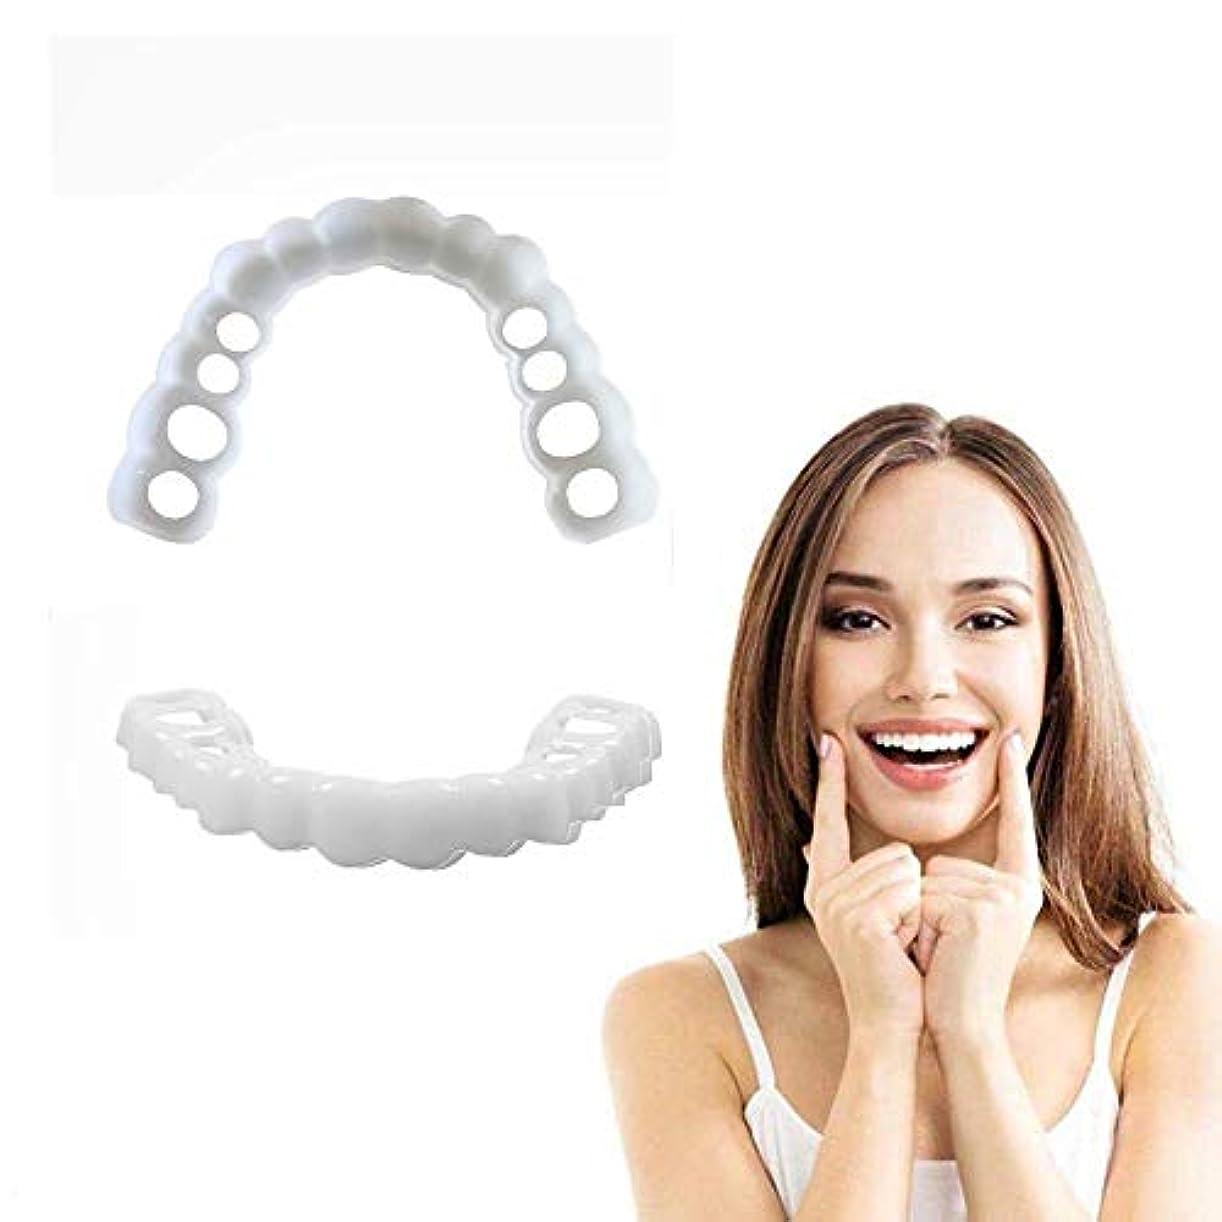 血まみれスクリーチ他に2対の歯義歯歯用化粧品テンポラリースマイルコンフォートフィット化粧品用義歯(ホワイト),7Pairs